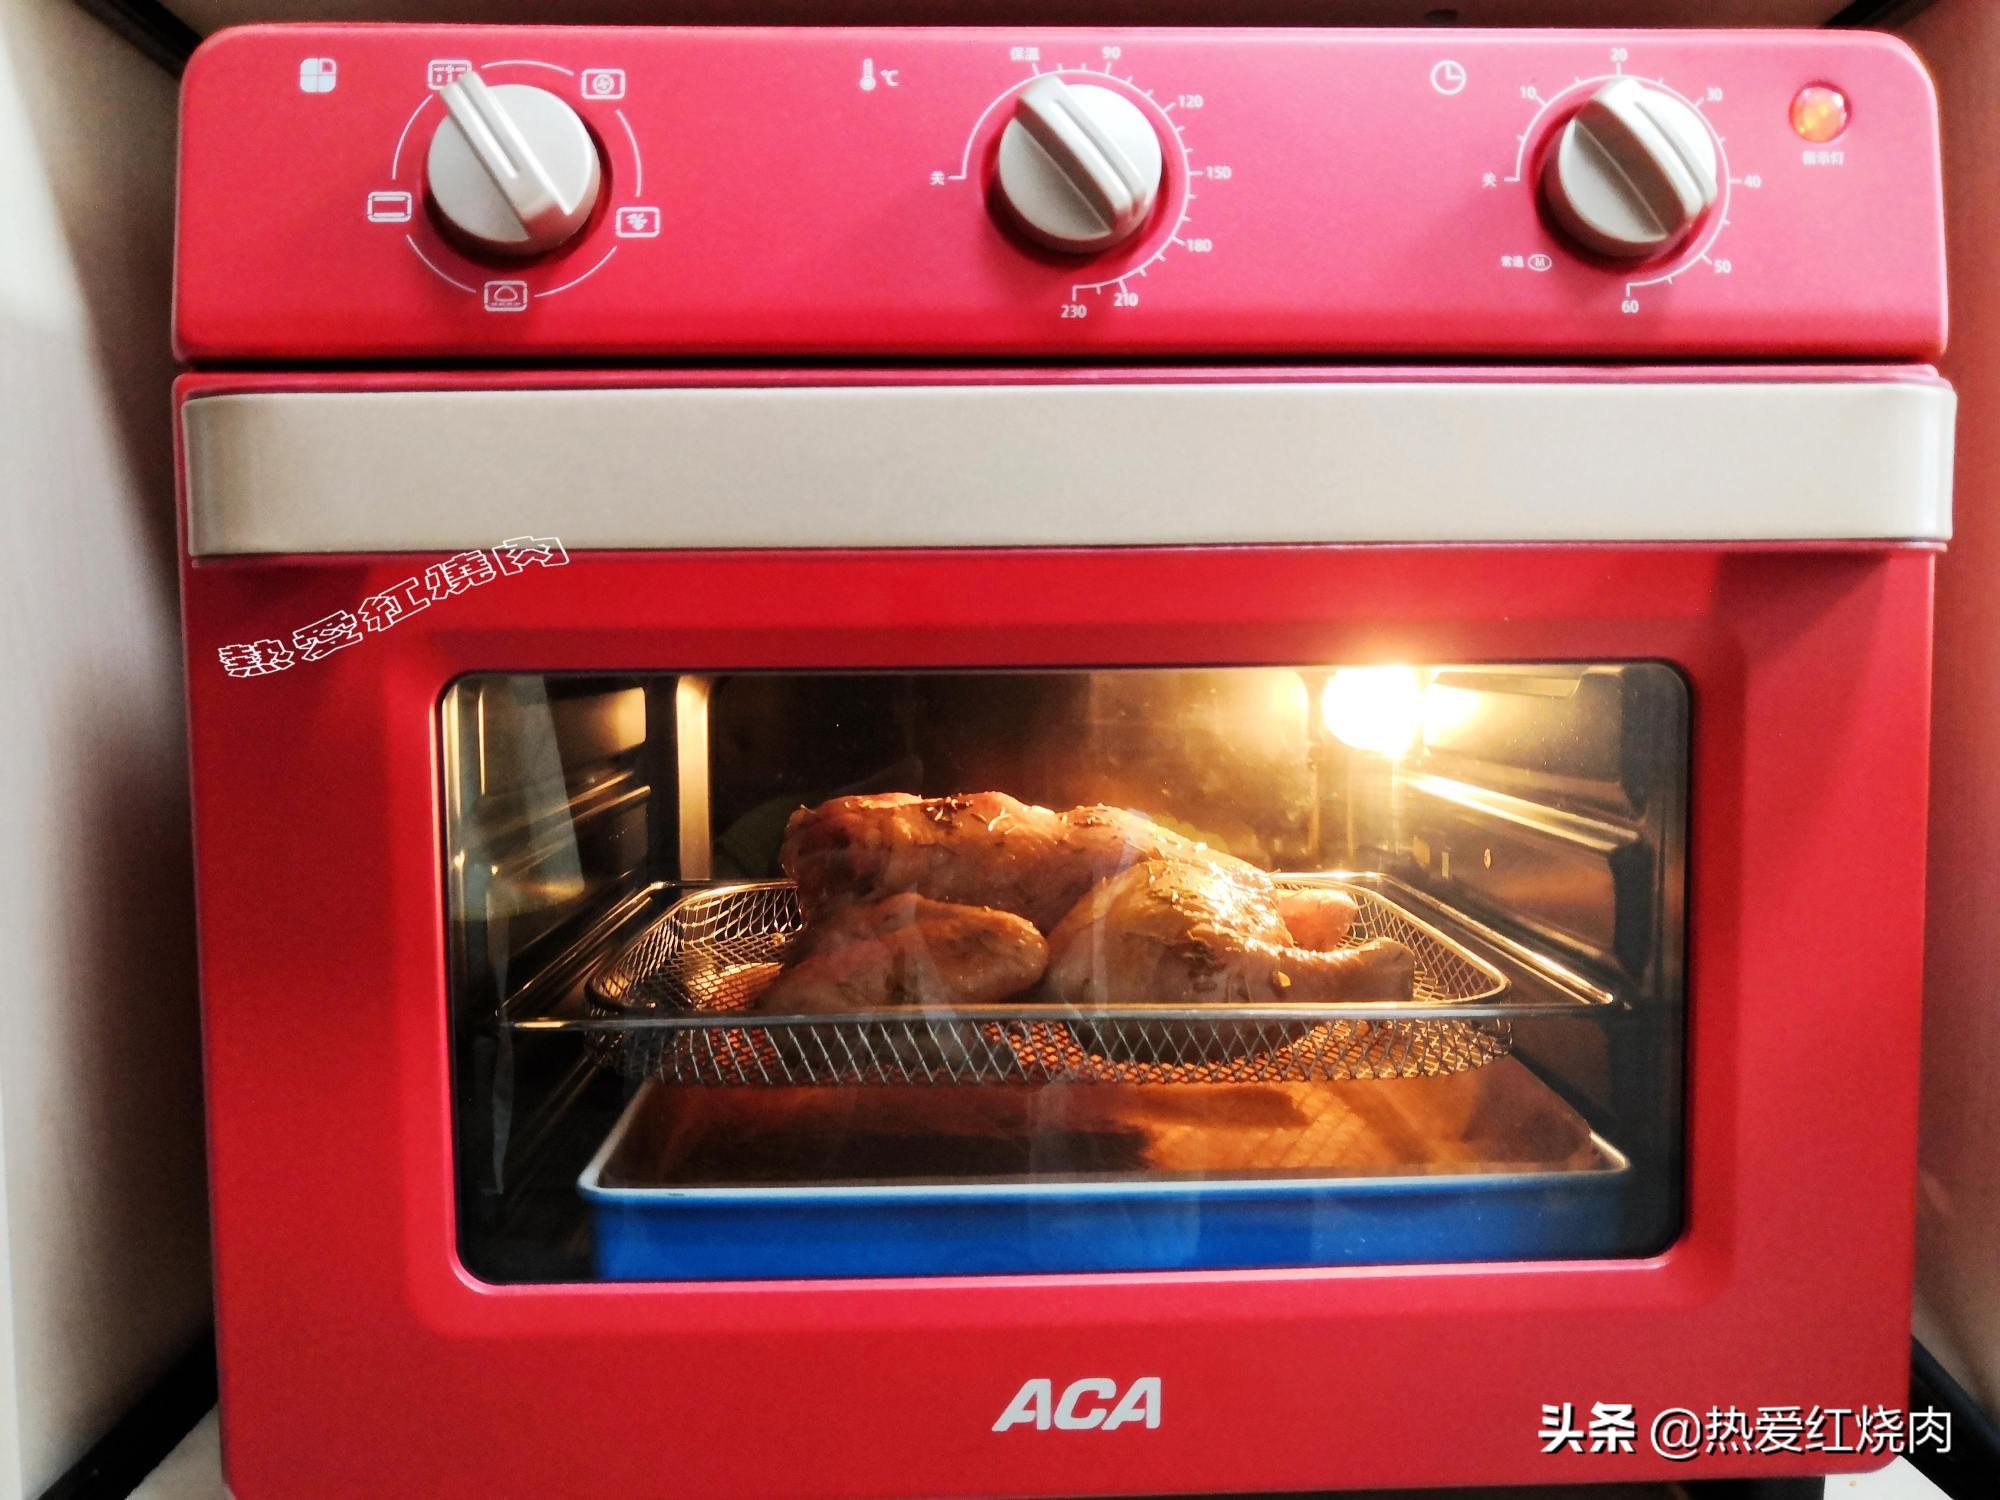 入秋天凉馋肉了,做了只烤鸡皮脆肉嫩又多汁,无需厨艺做着特省事